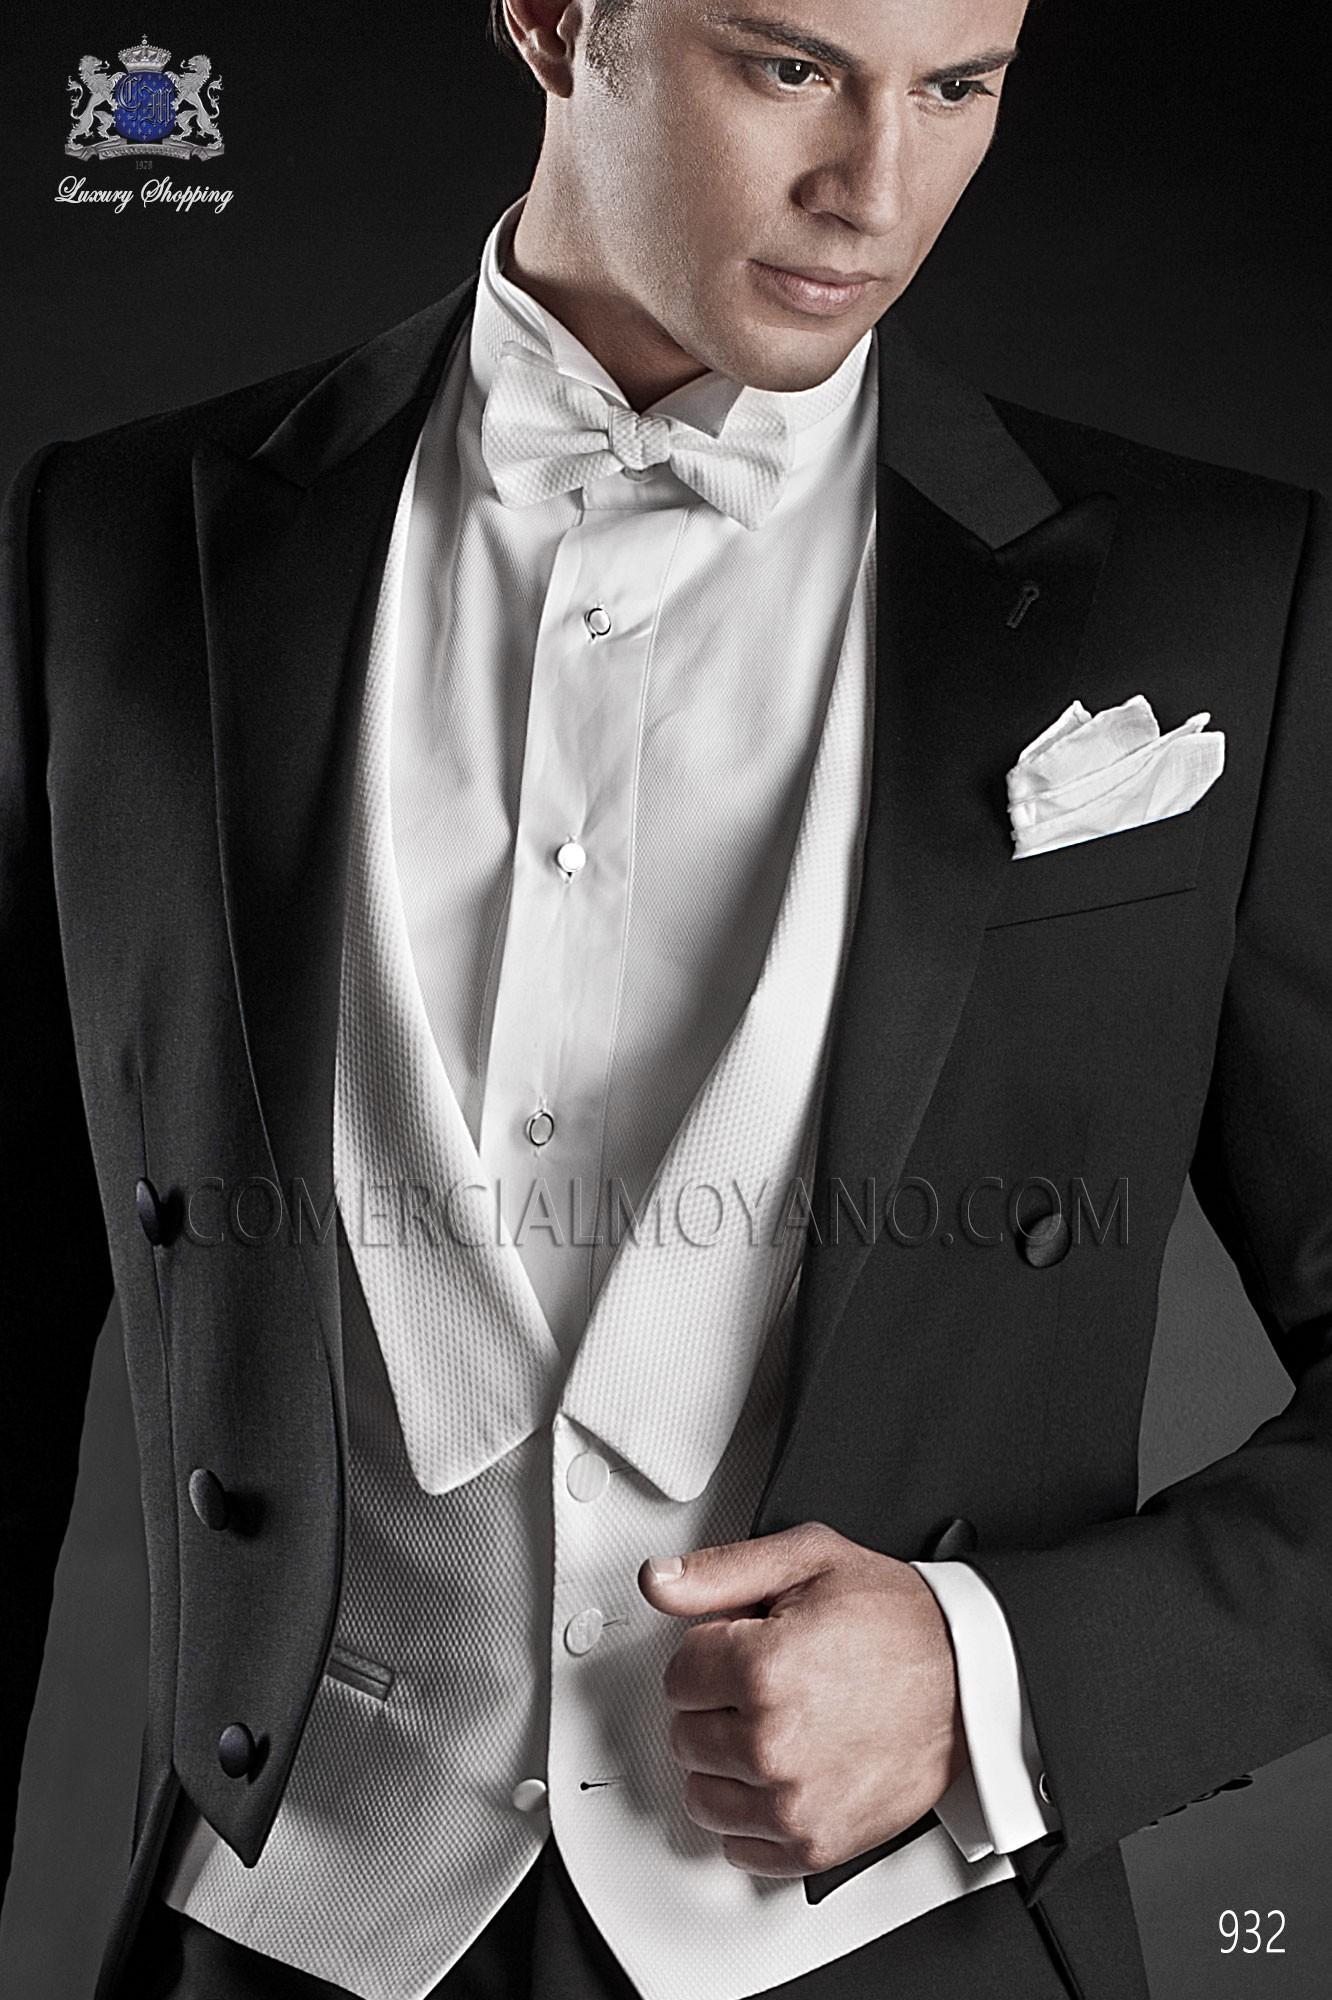 Chaleco de gala blanco en tejido algodon pique con botones madre perla.